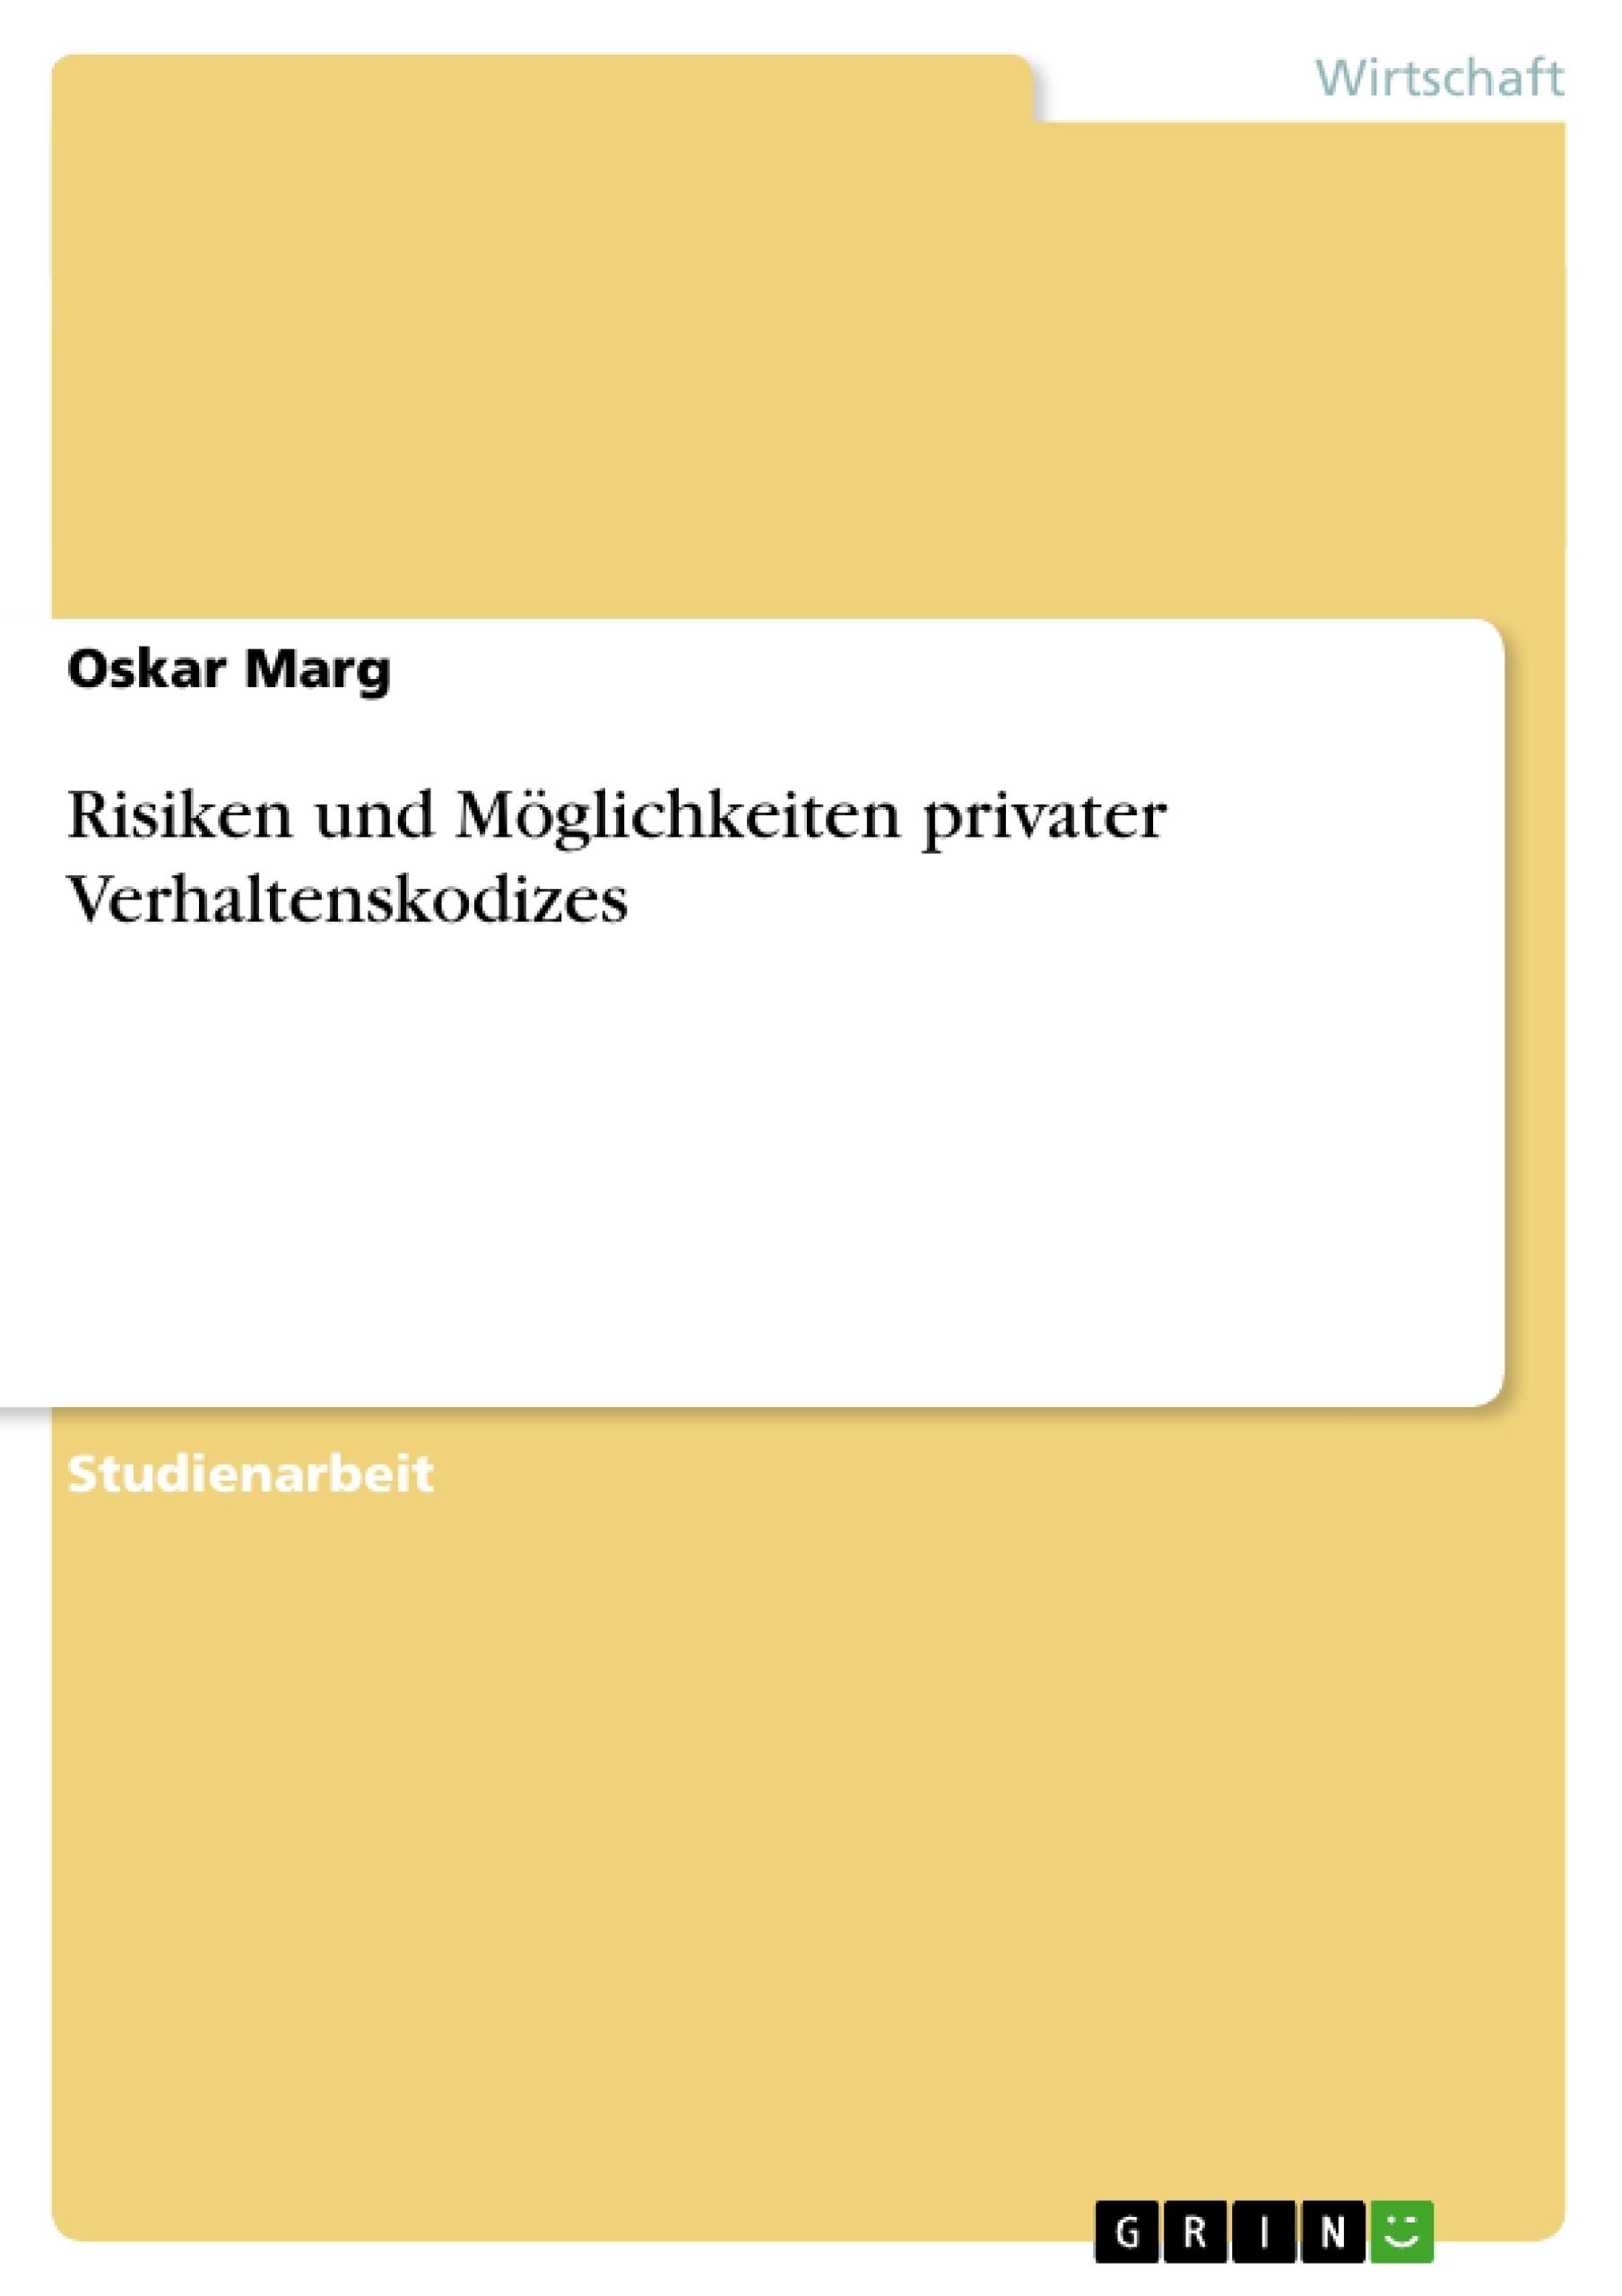 Titel: Risiken und Möglichkeiten privater Verhaltenskodizes